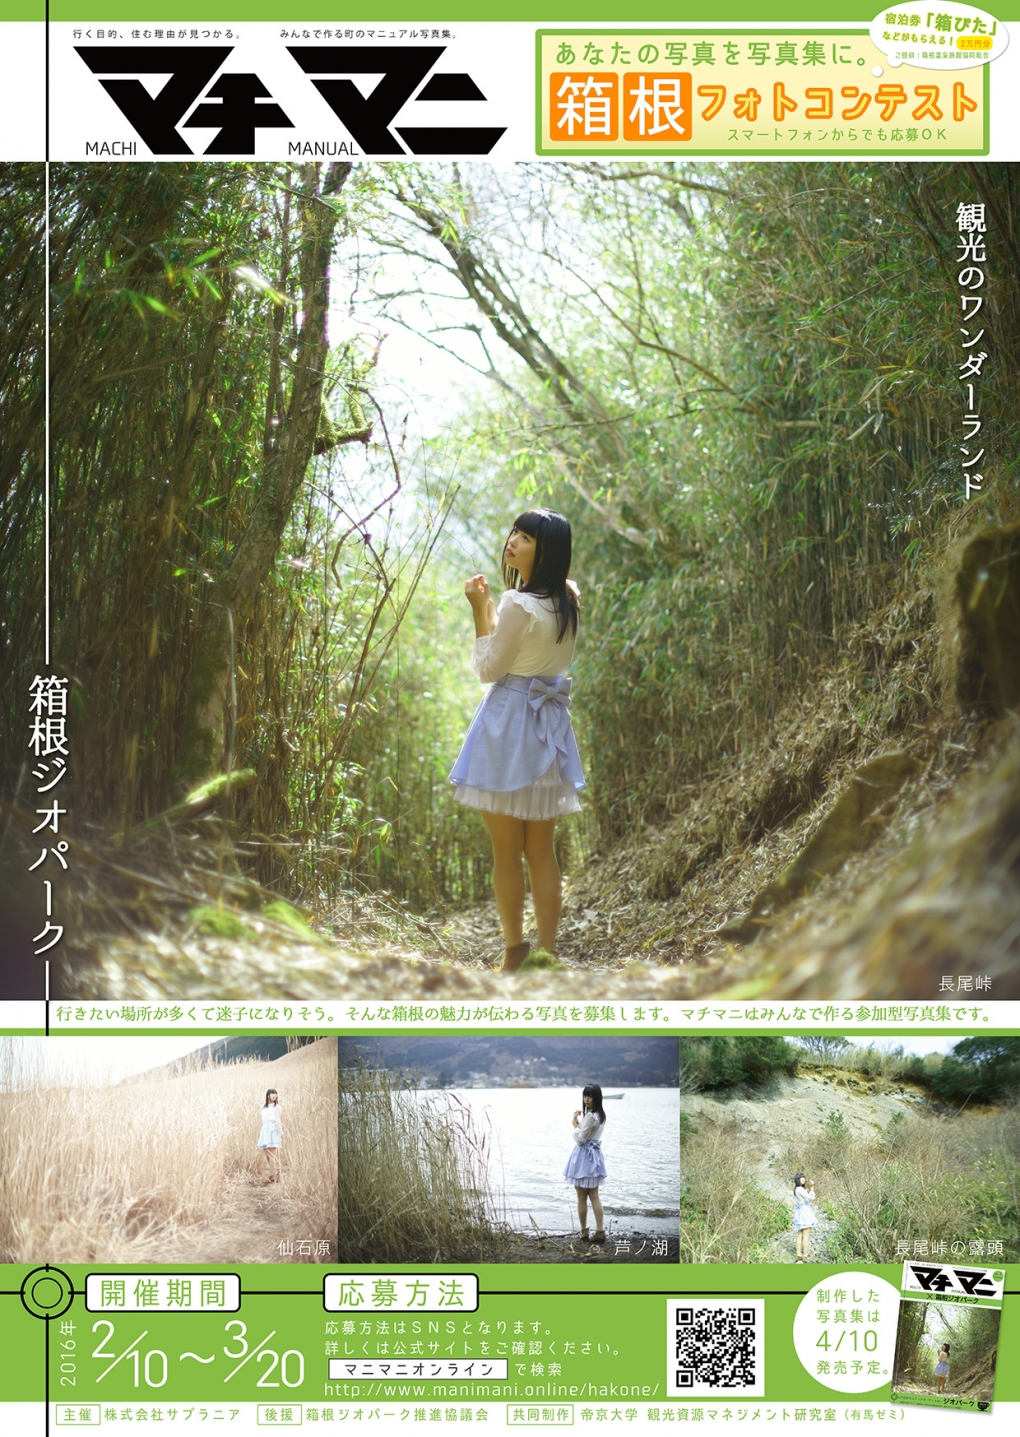 参加型写真集「マチマニ」発行に際して「箱根フォトコンテスト」を開催します!